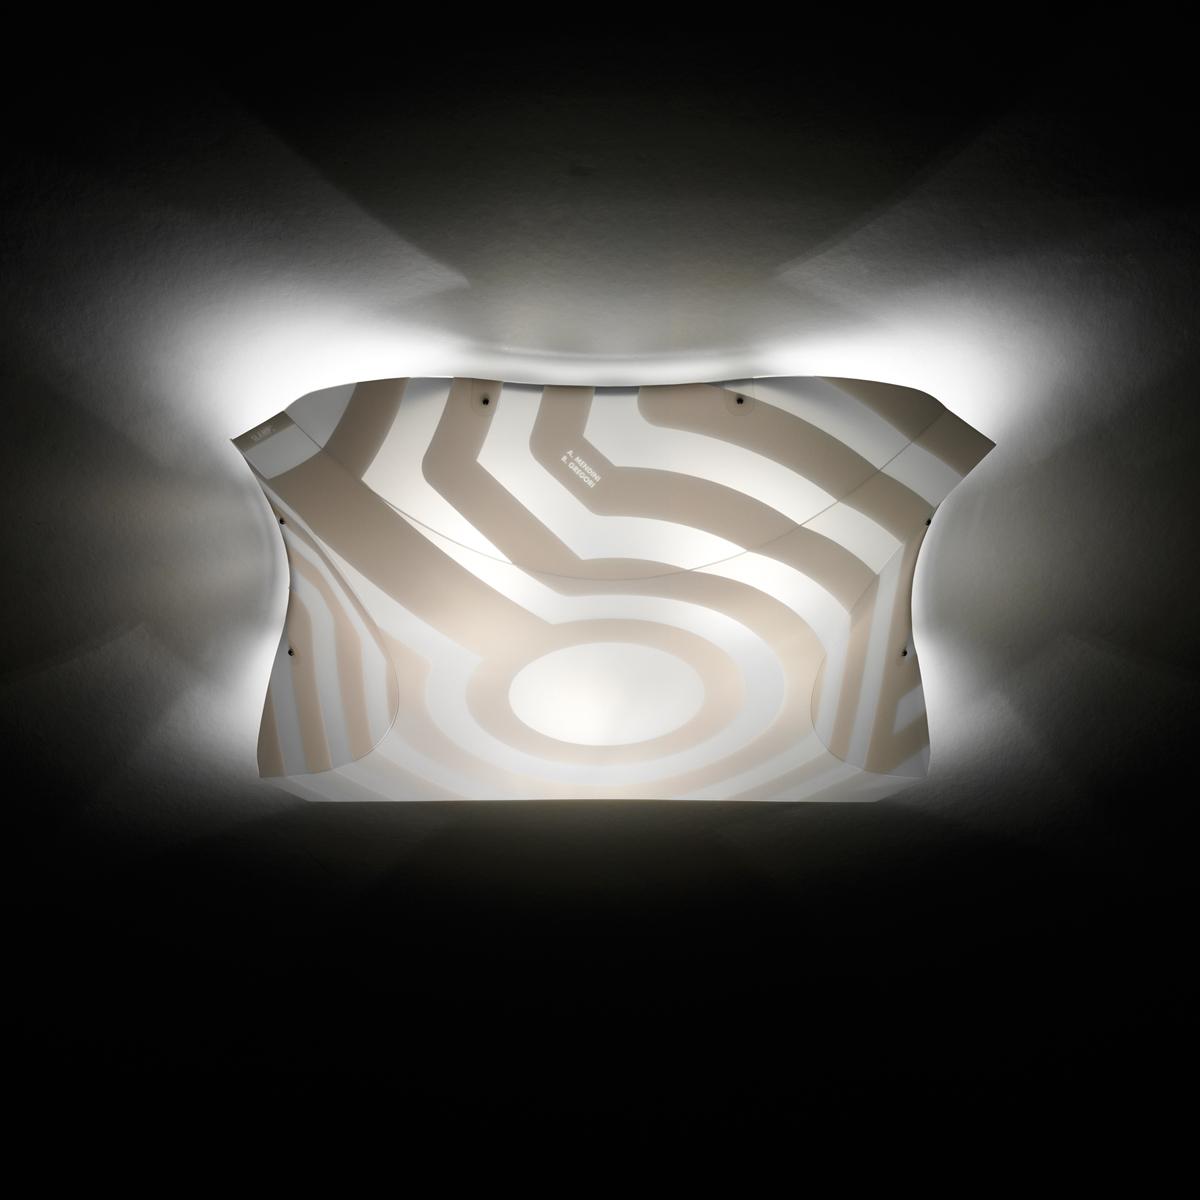 Venti Plana Medium Ceiling Lamp